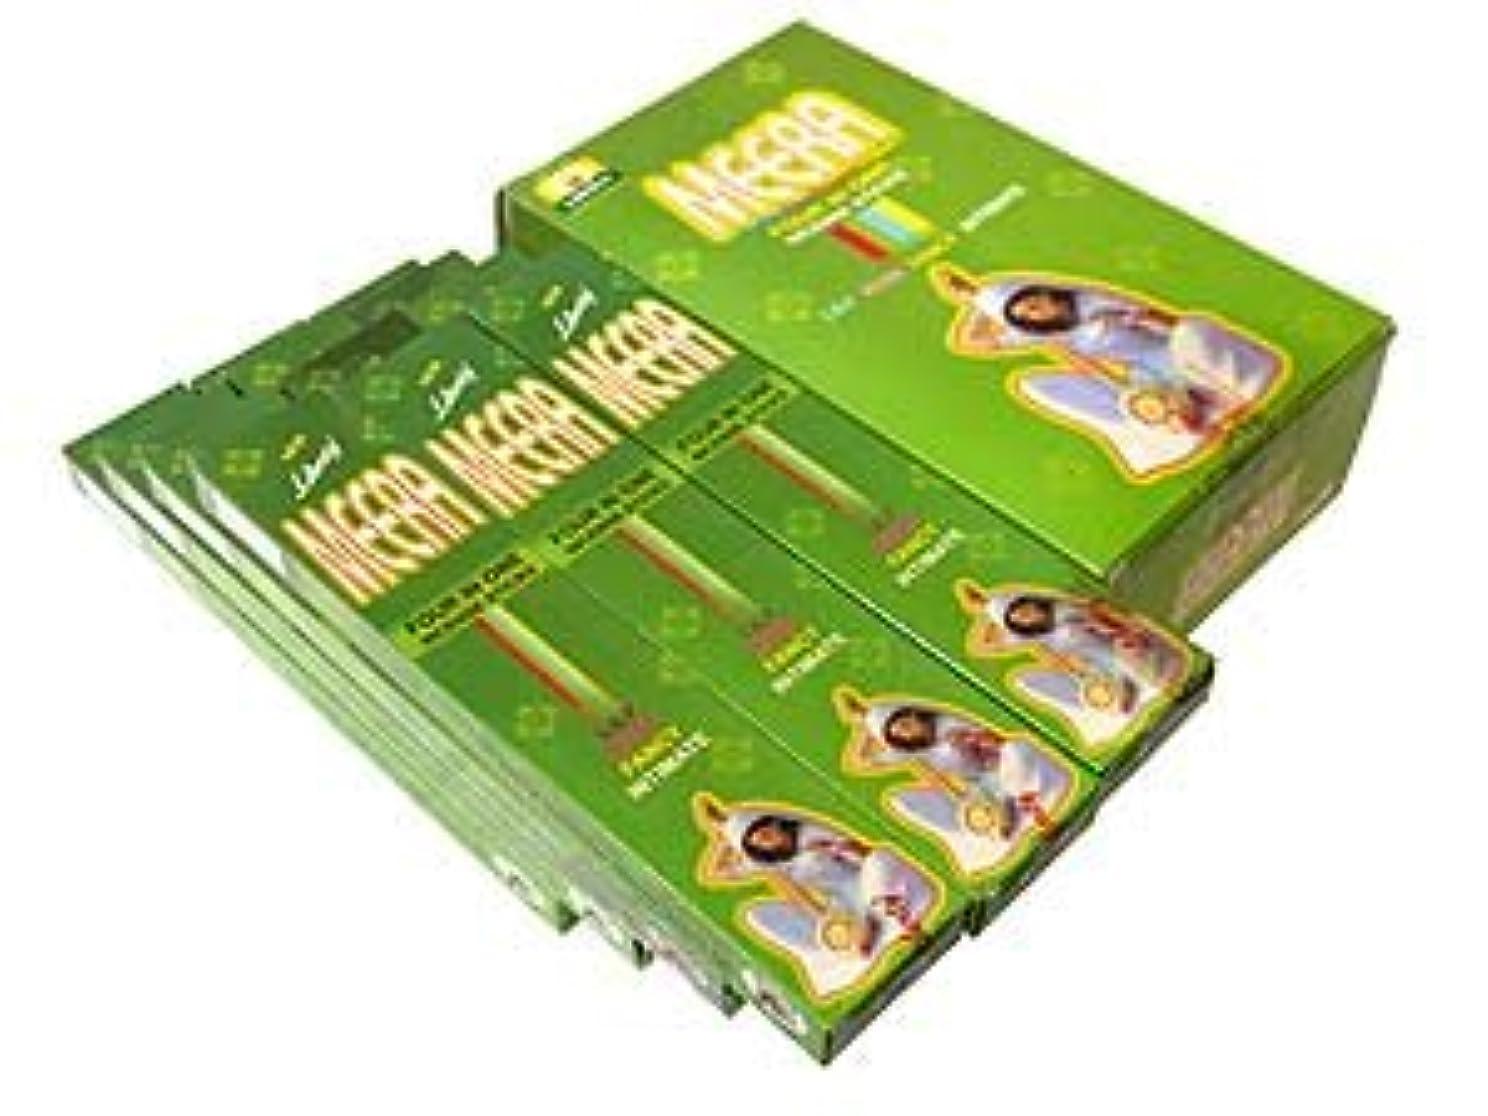 強要さわやか動揺させるLIBERTY'S(リバティーズ) ミーラ香 スティック MEERA 12箱セット